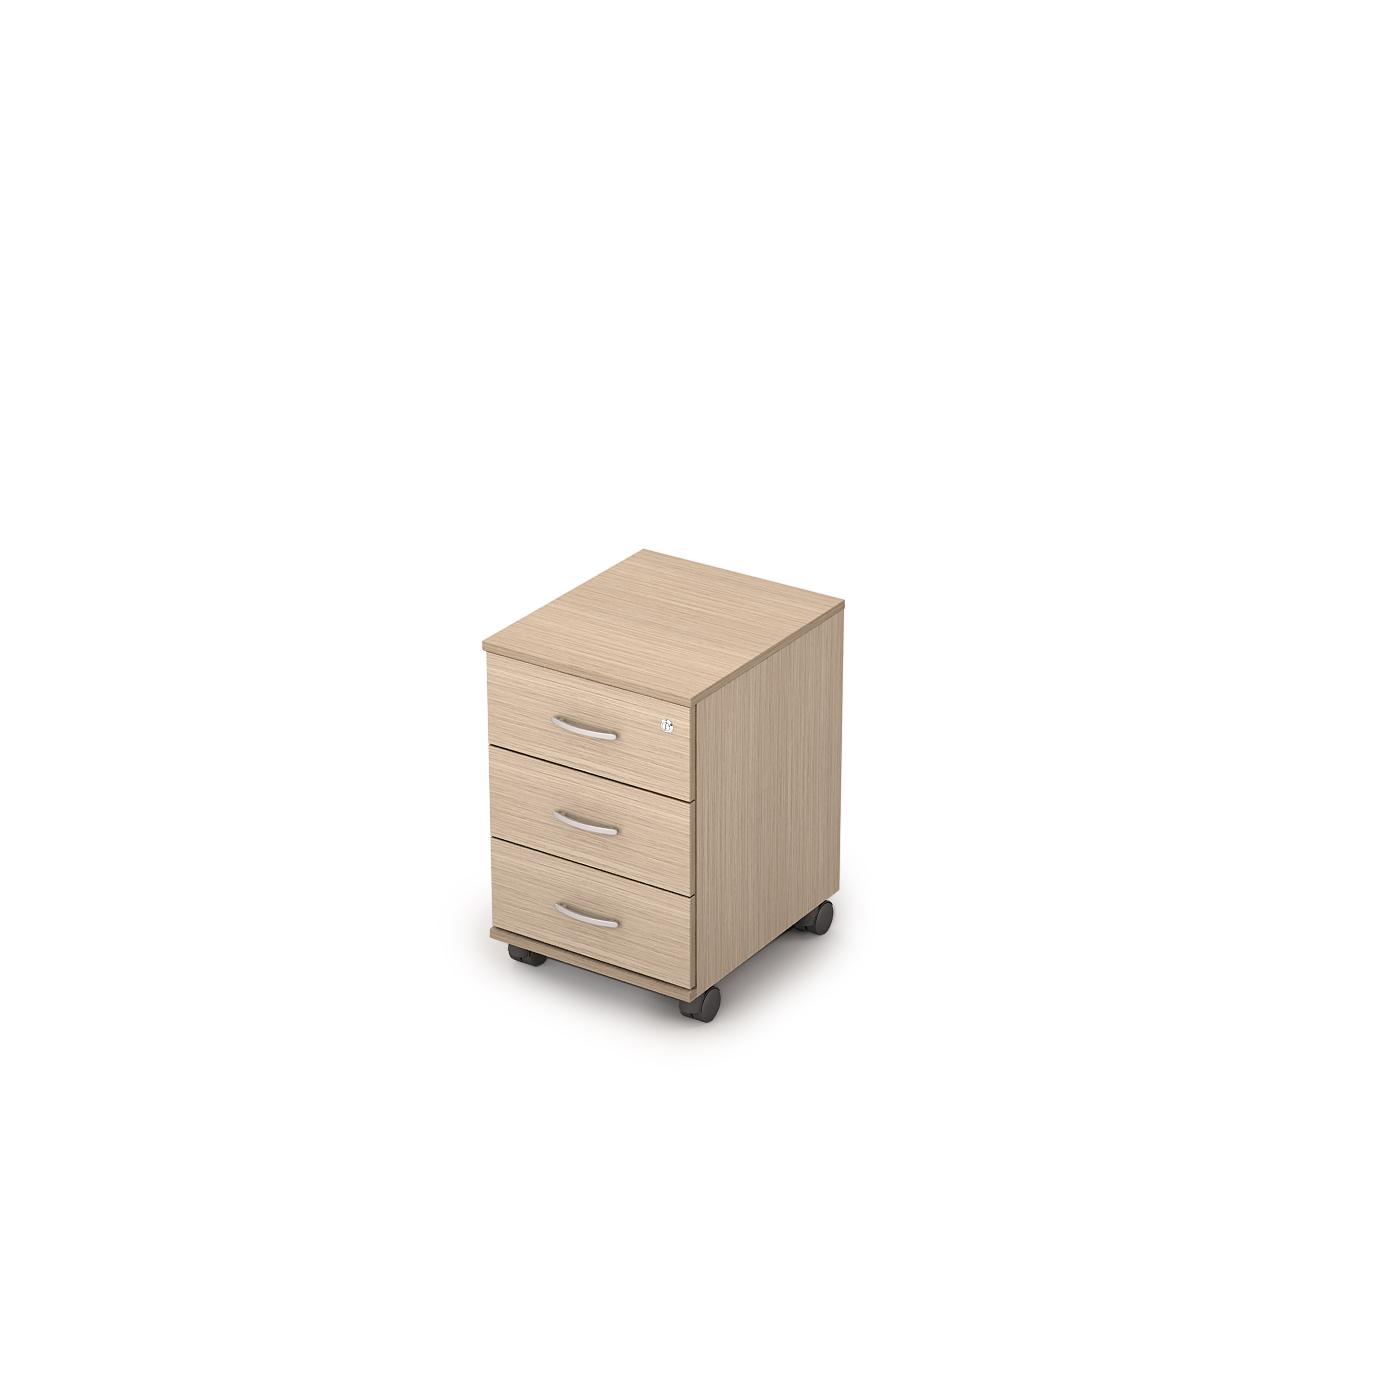 3Т.004 Тумба подкатная (390*450*580)